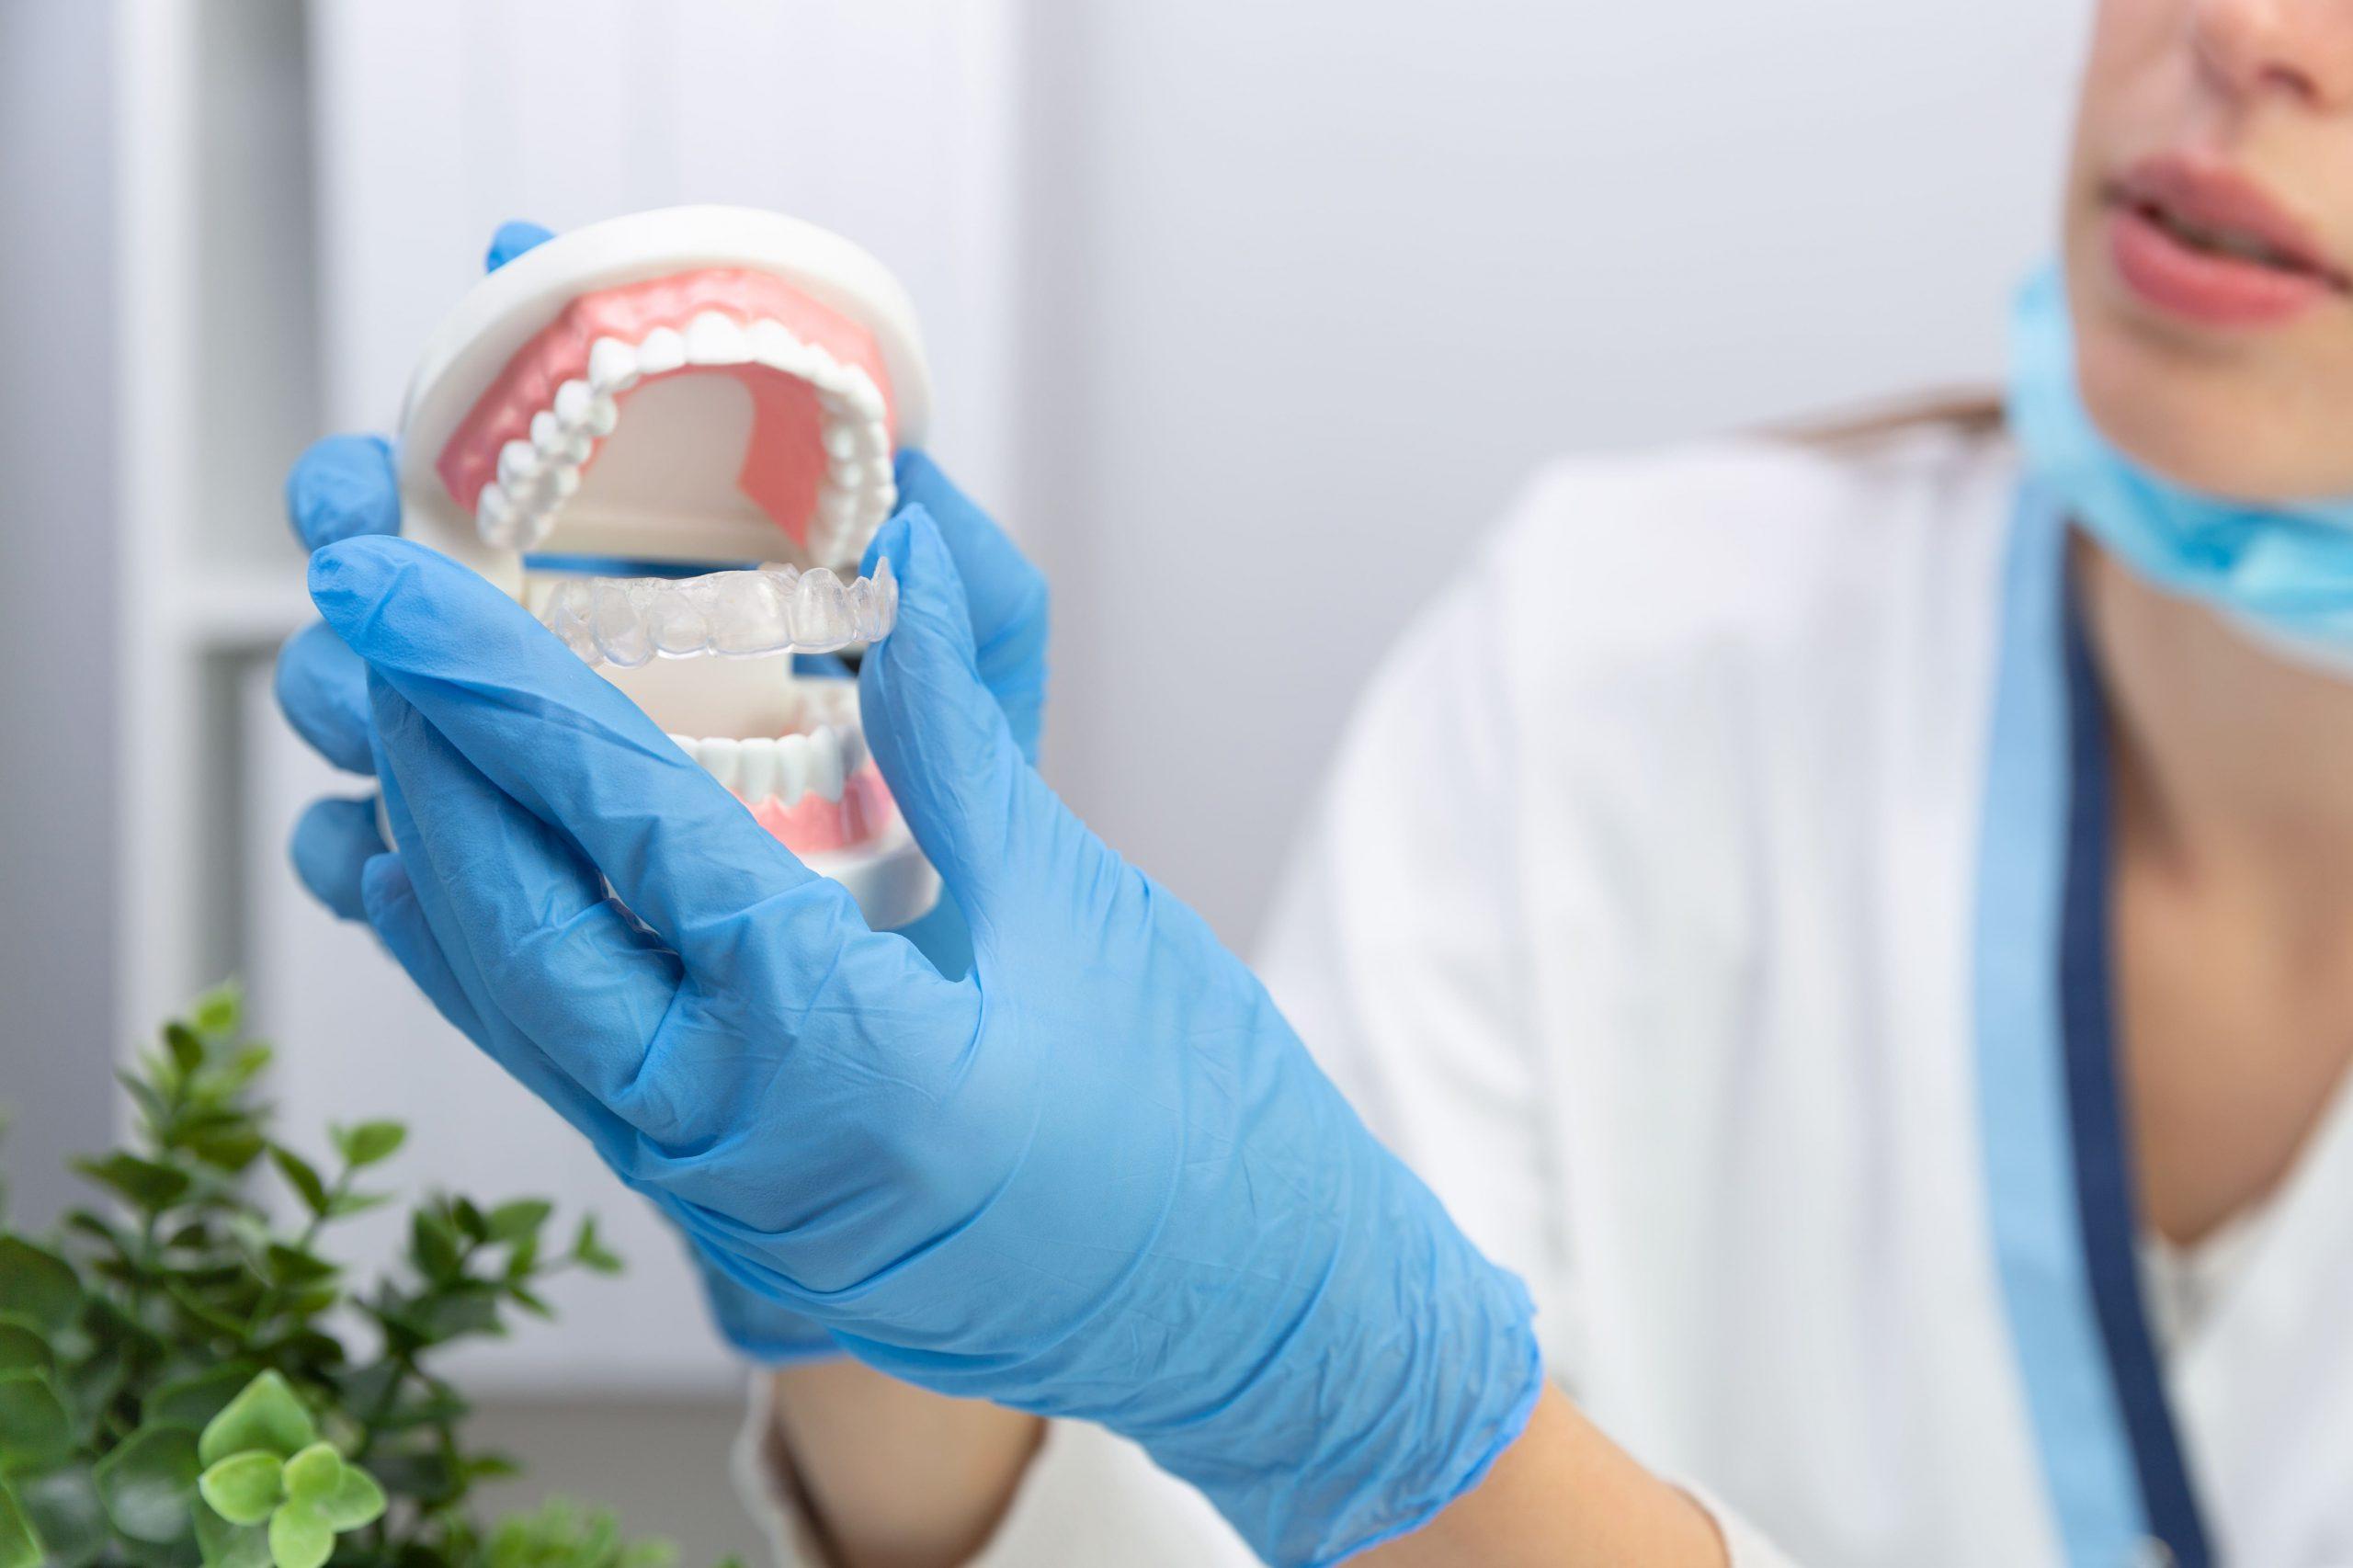 Współzależność stomatologii i estetyki twarzy w utrzymaniu młodego wyglądu